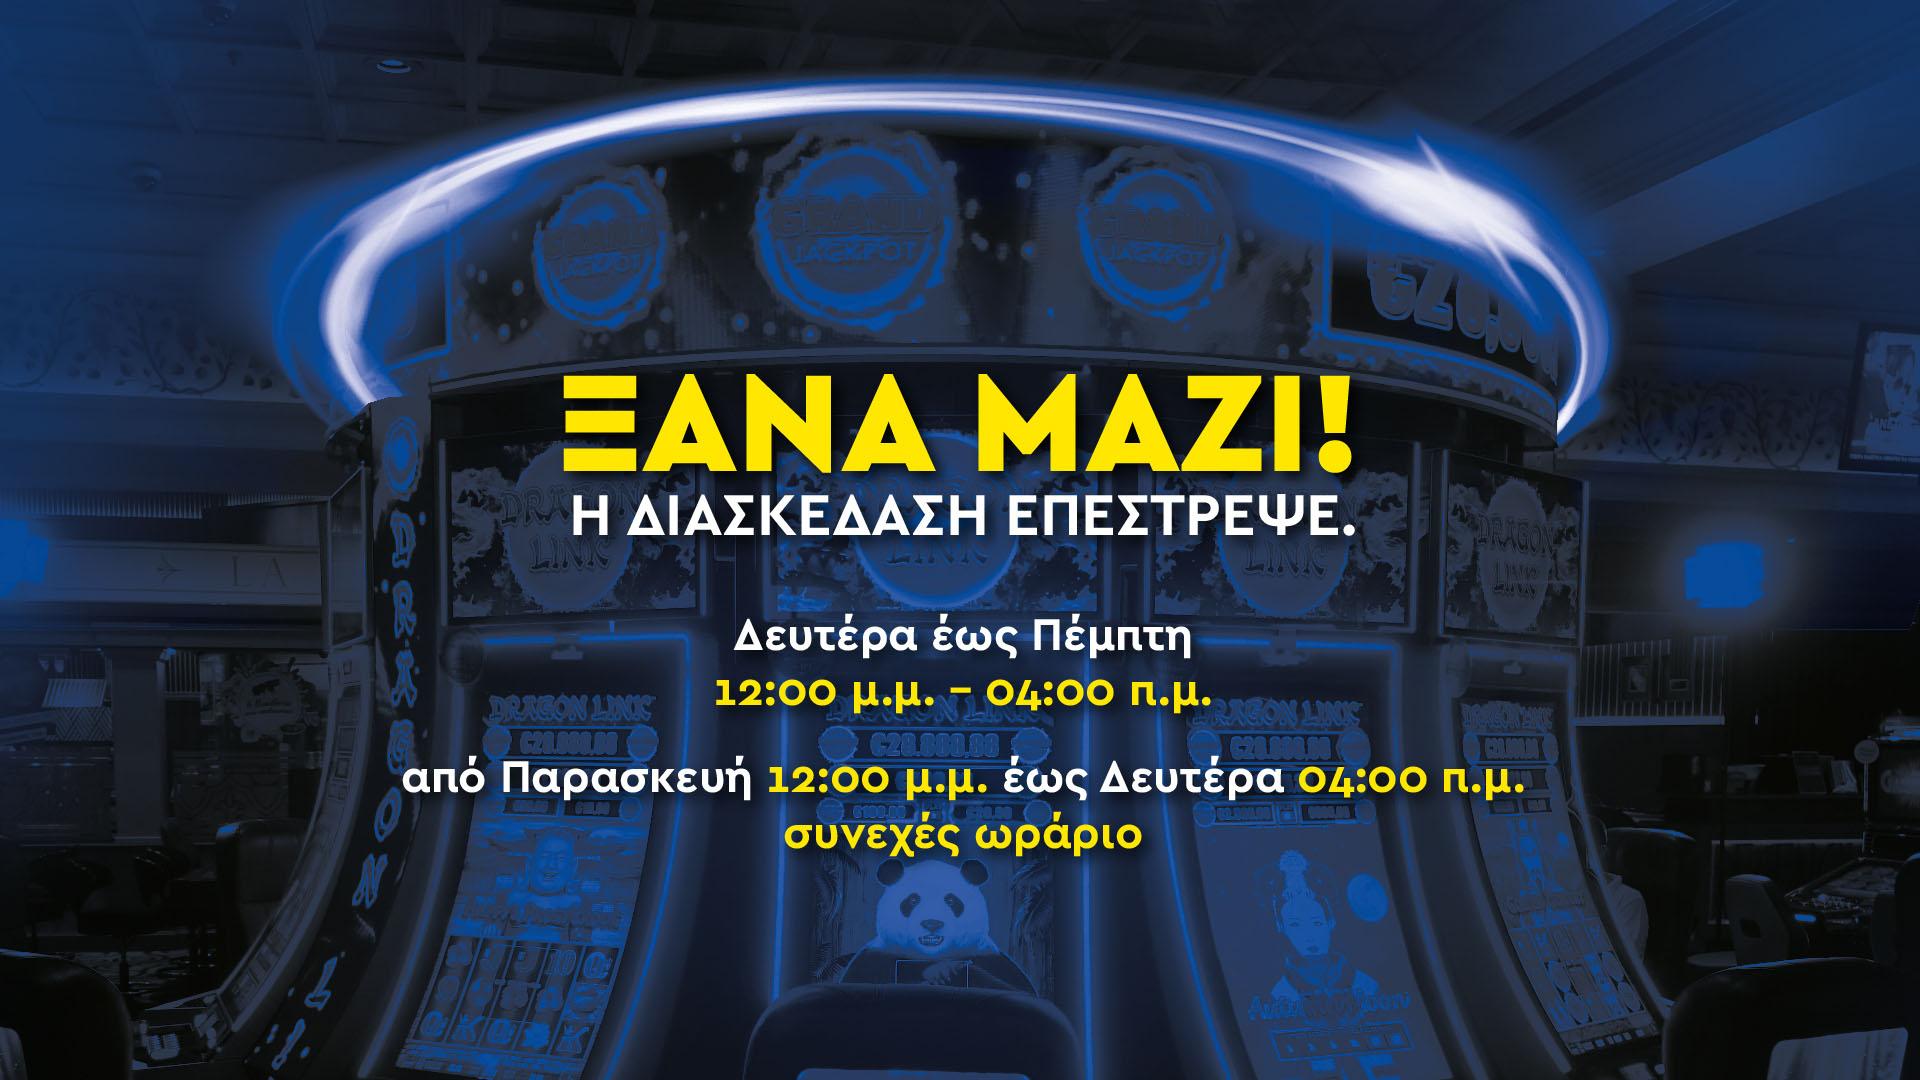 ksana_mazi_Slideshow_001-01